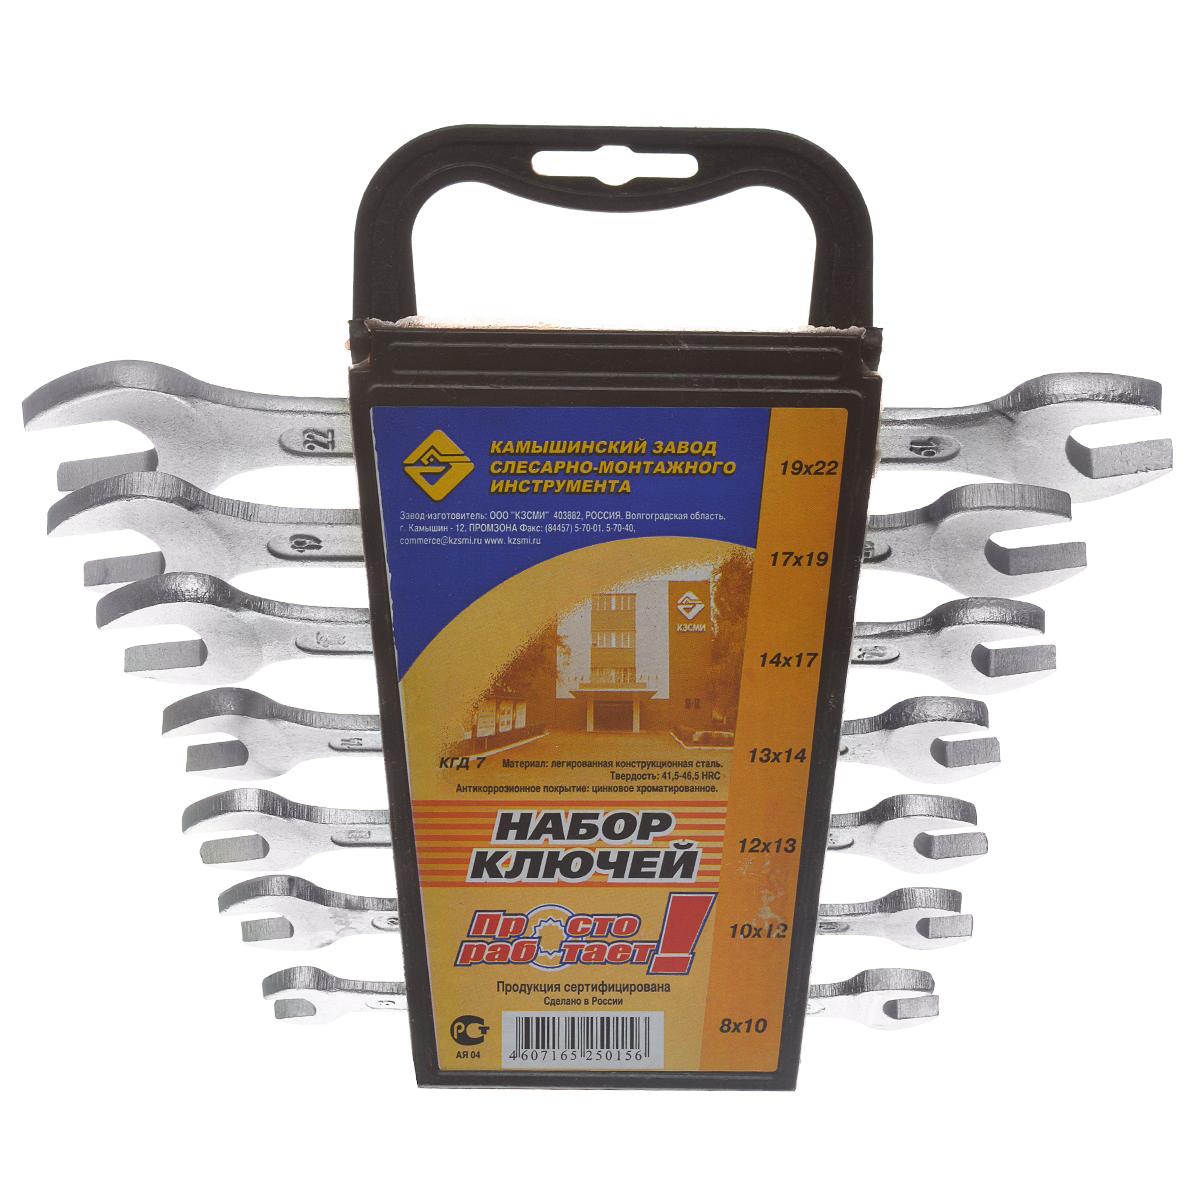 Набор ключей рожковых КЗСМИ, 7 шт98298130Рожковые ключи предназначены для монтажа и демонтажа резьбовых соединений. Они изготовлены из легированной конструкционной стали. Твердость материала рабочей части ключа 41,5-46,5 HRc. Имеют антикоррозийное цинковое хроматированное покрытие.Ключи поставляются в комплекте с трапециевидным пластмассовым держателем.В набор входят ключи на: 19 х 22 мм, 17 х 19 мм, 14 х 17 мм, 13 х 14 мм, 12 х 13 мм, 10 х 12 мм, 8 х 10 мм.